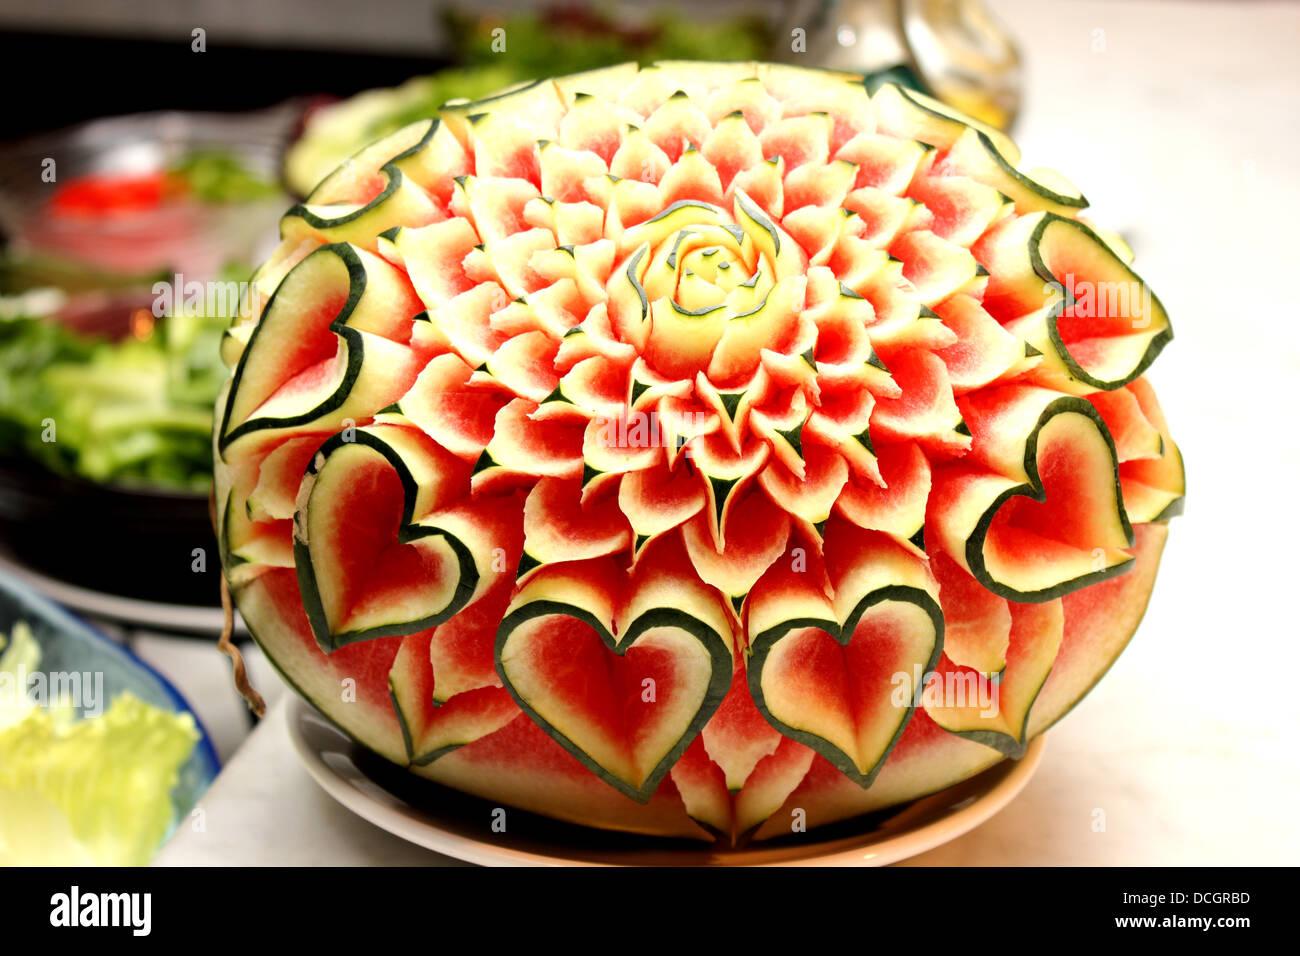 Eine Nahaufnahme Der Kunst Der Wassermelone Schnitzen Obst Stockfoto